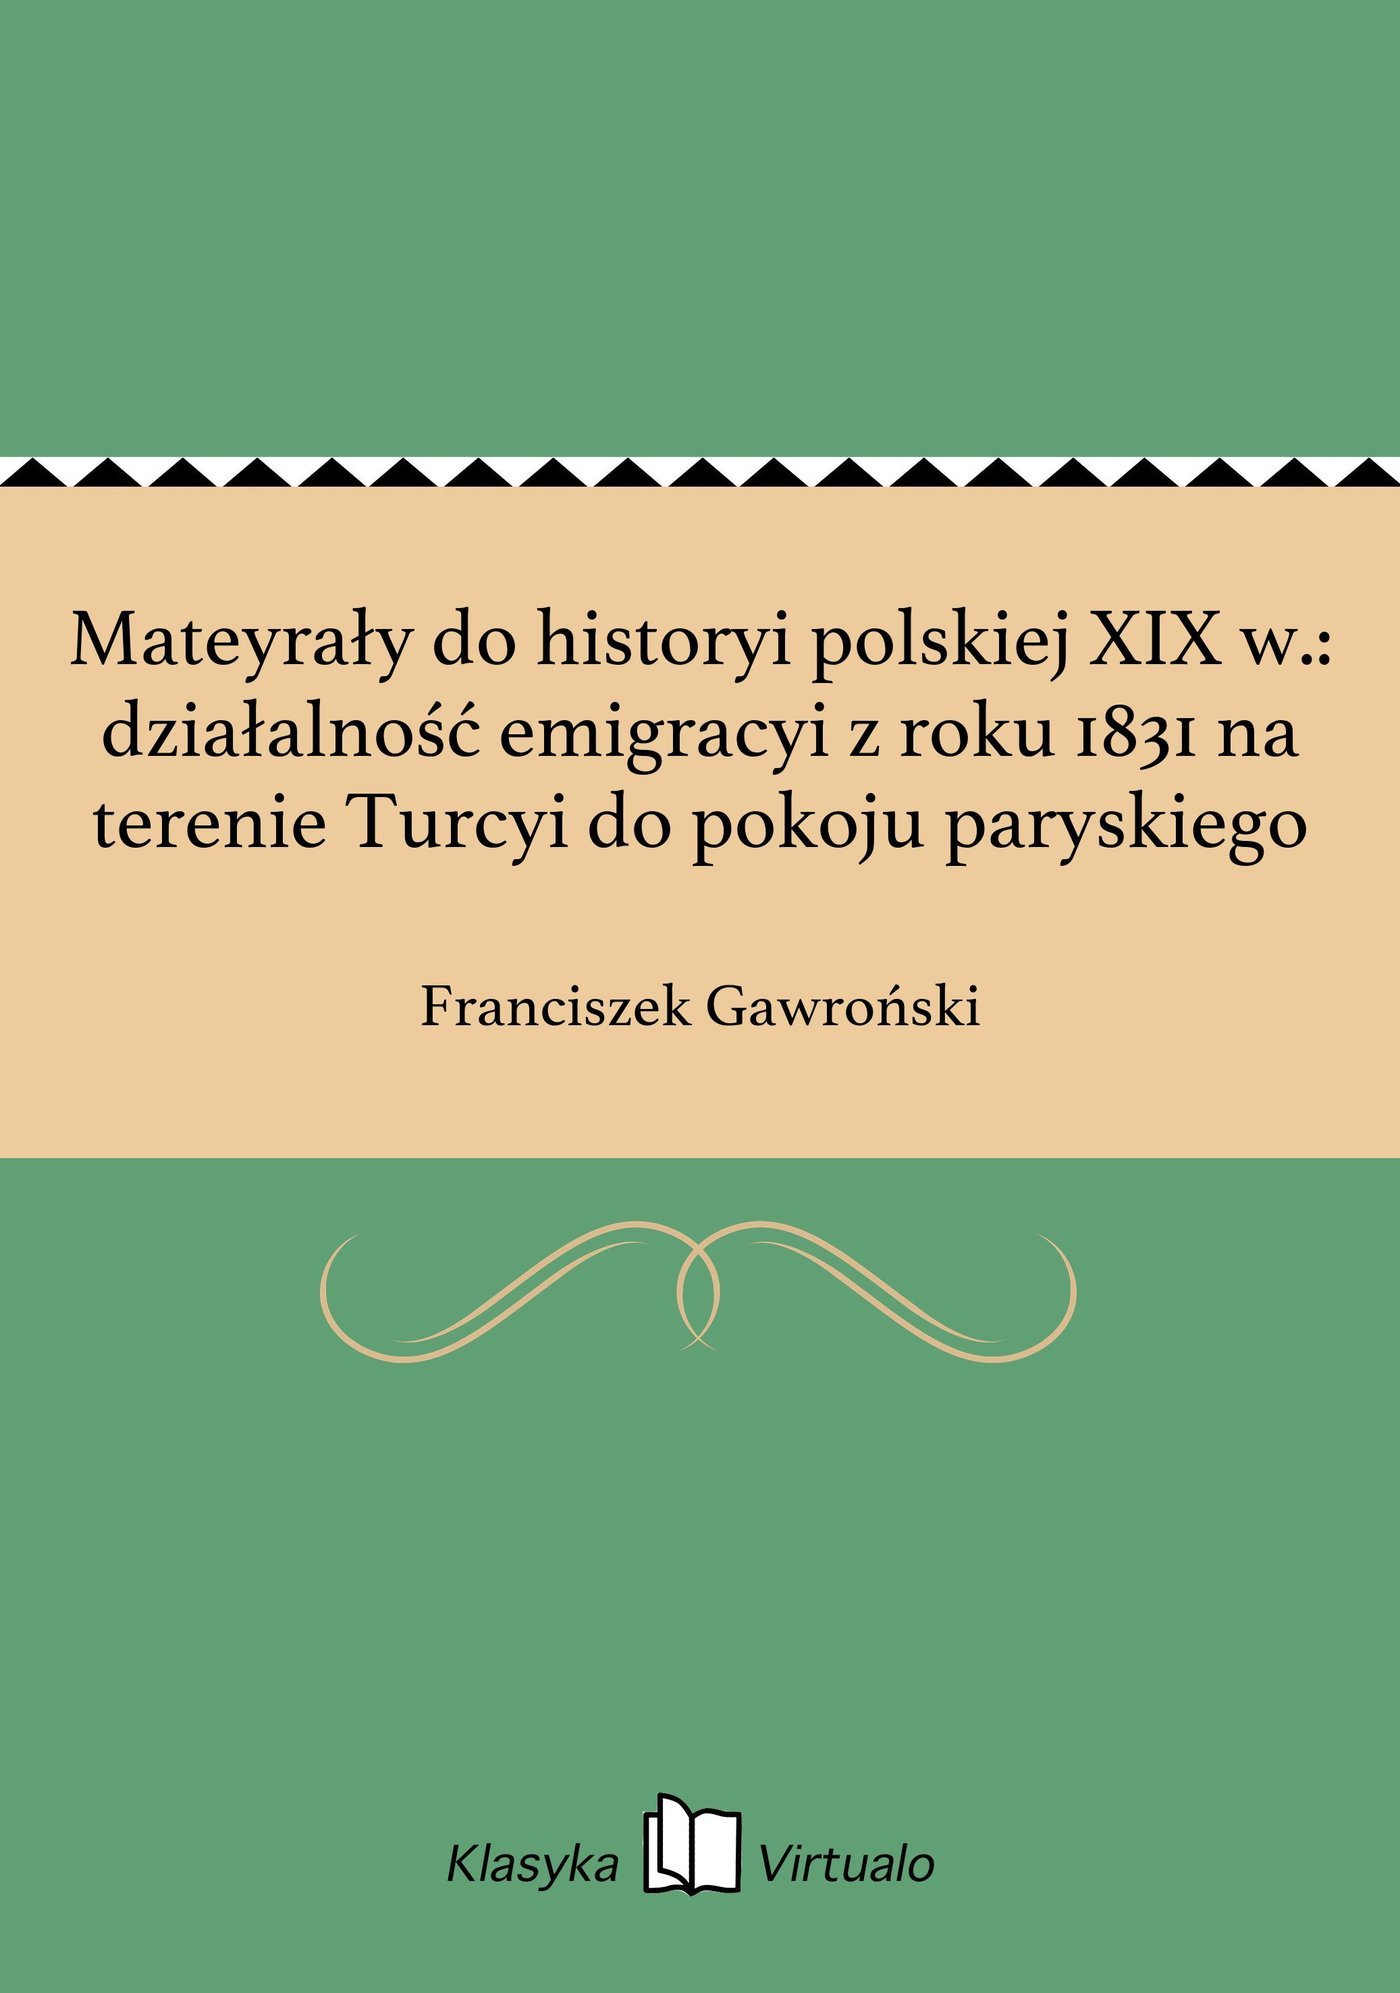 Mateyrały do historyi polskiej XIX w.: działalność emigracyi z roku 1831 na terenie Turcyi do pokoju paryskiego - Ebook (Książka EPUB) do pobrania w formacie EPUB